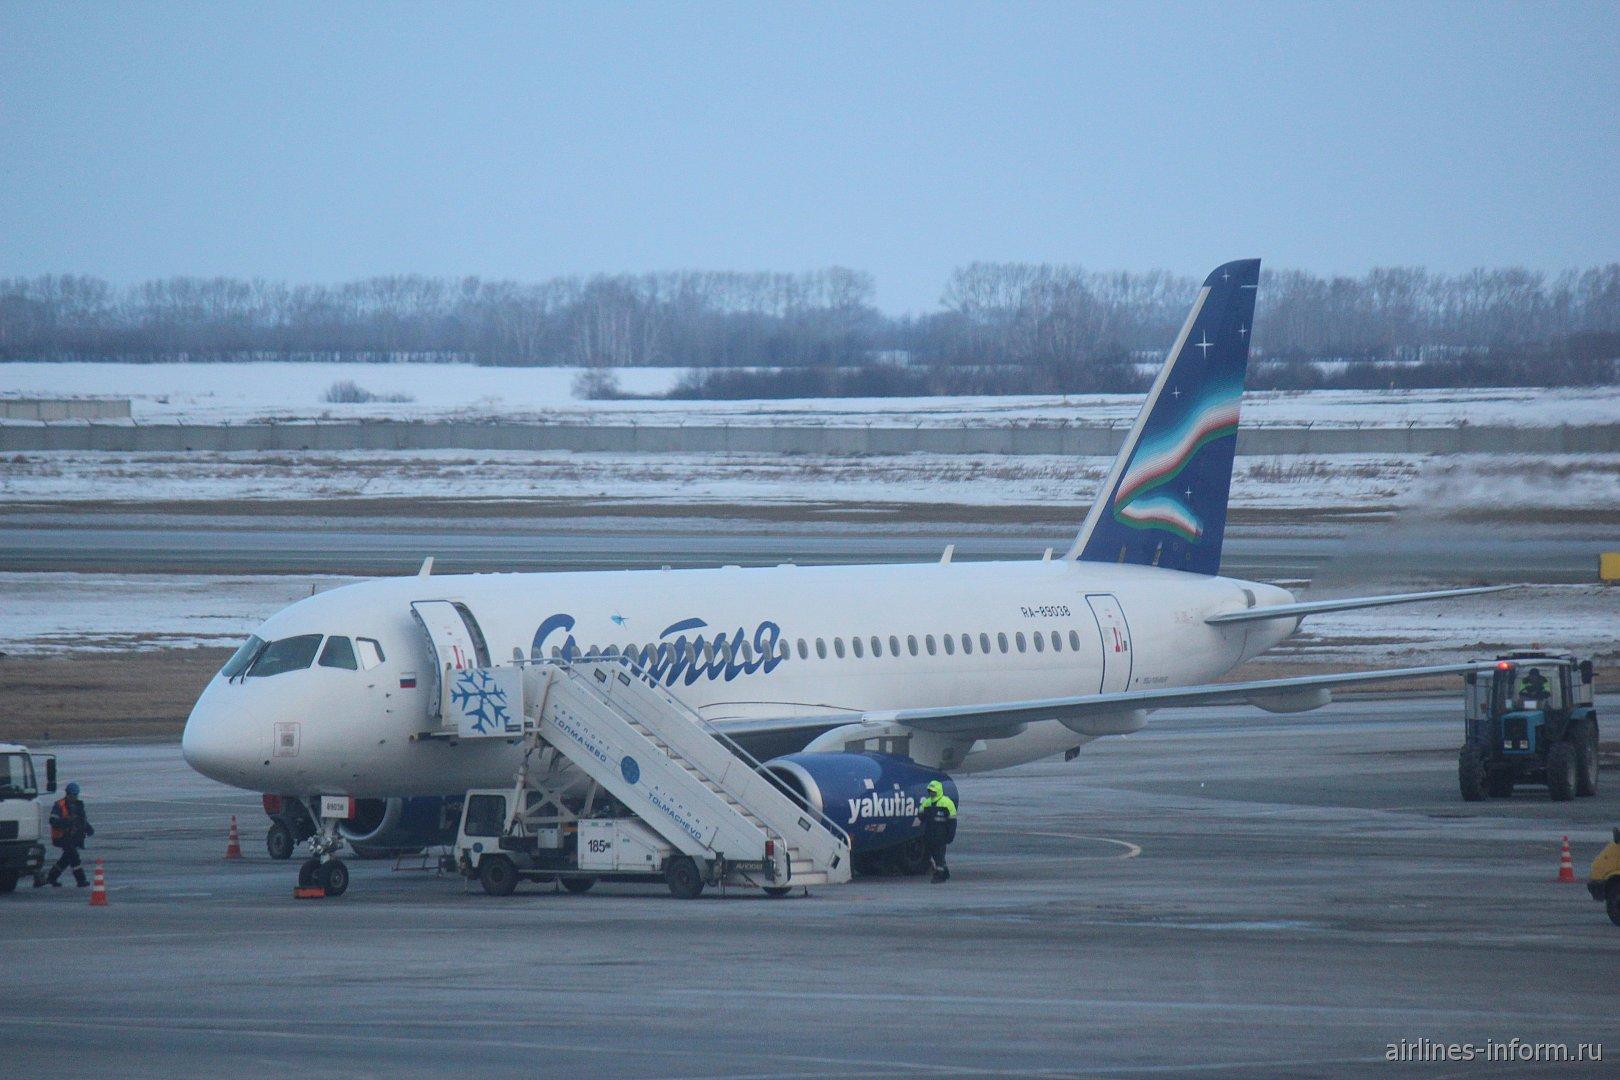 """Суперджет-100 авиакомпании """"Якутия"""" в аэропорту Новосибирск Толмачево"""